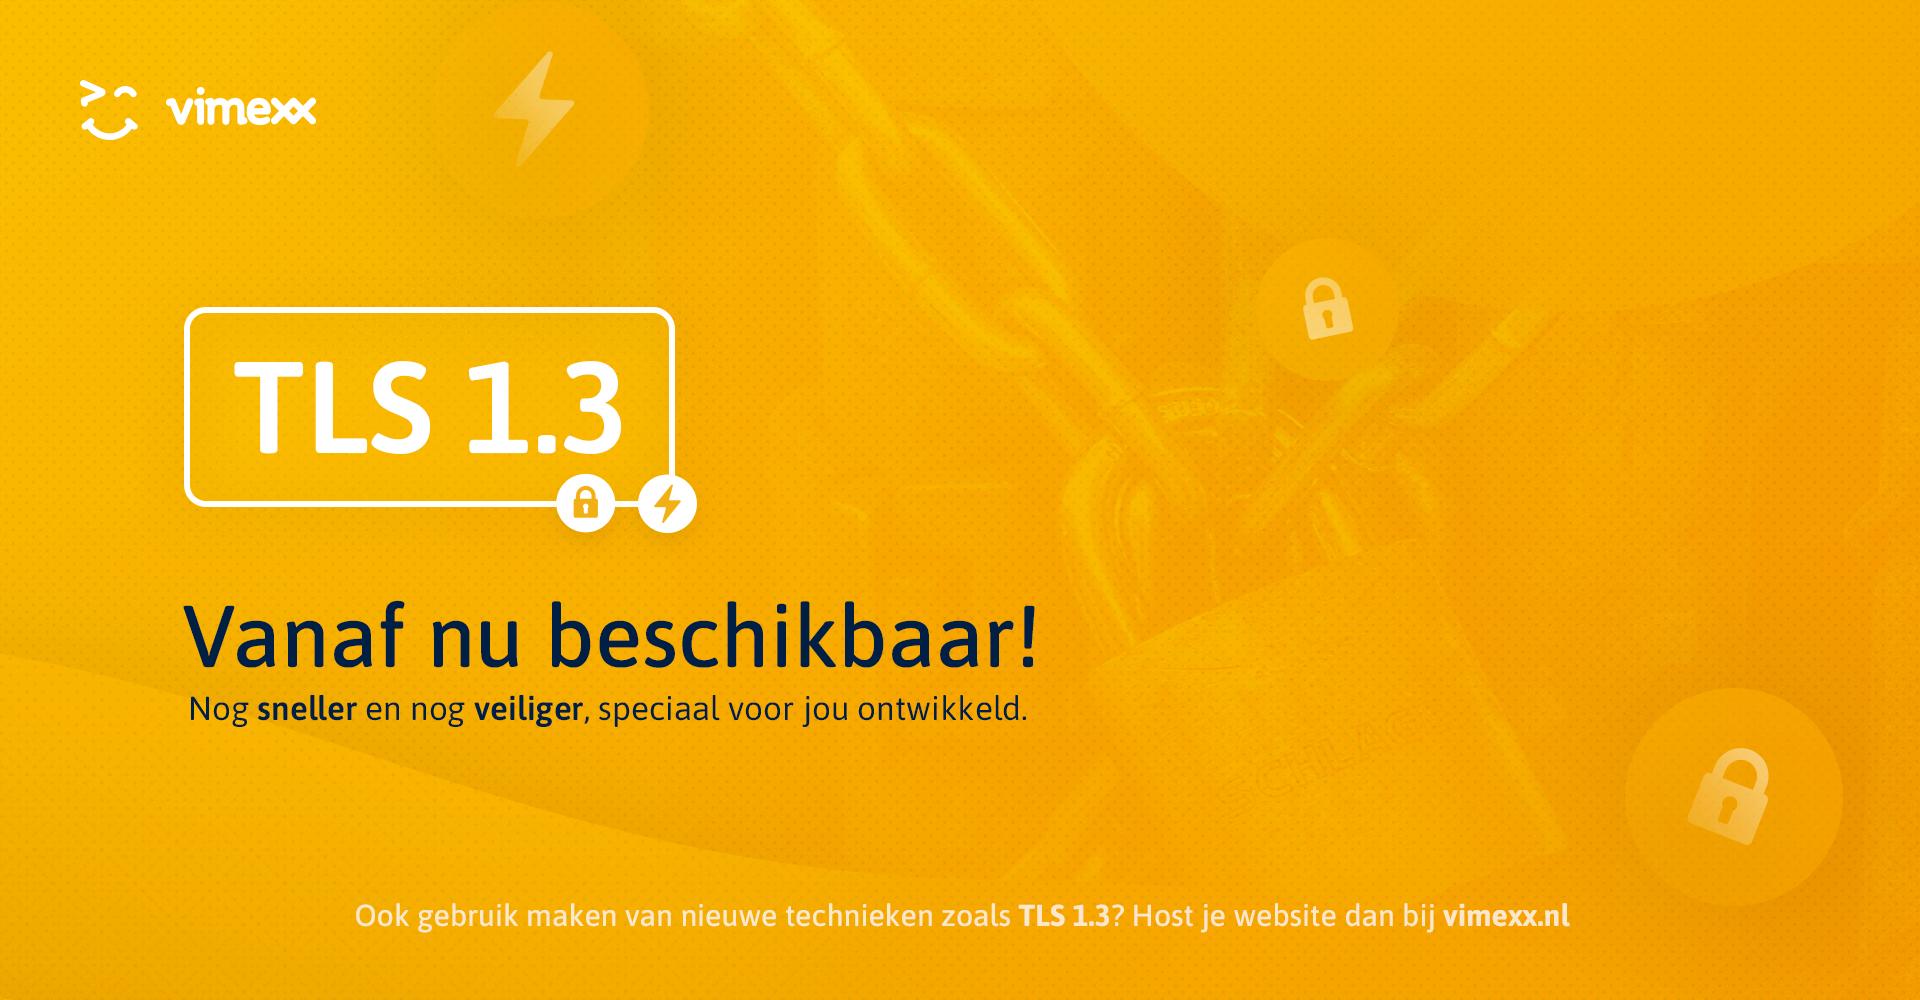 Met TLS 1.3 meer snelheid en veiligheid!